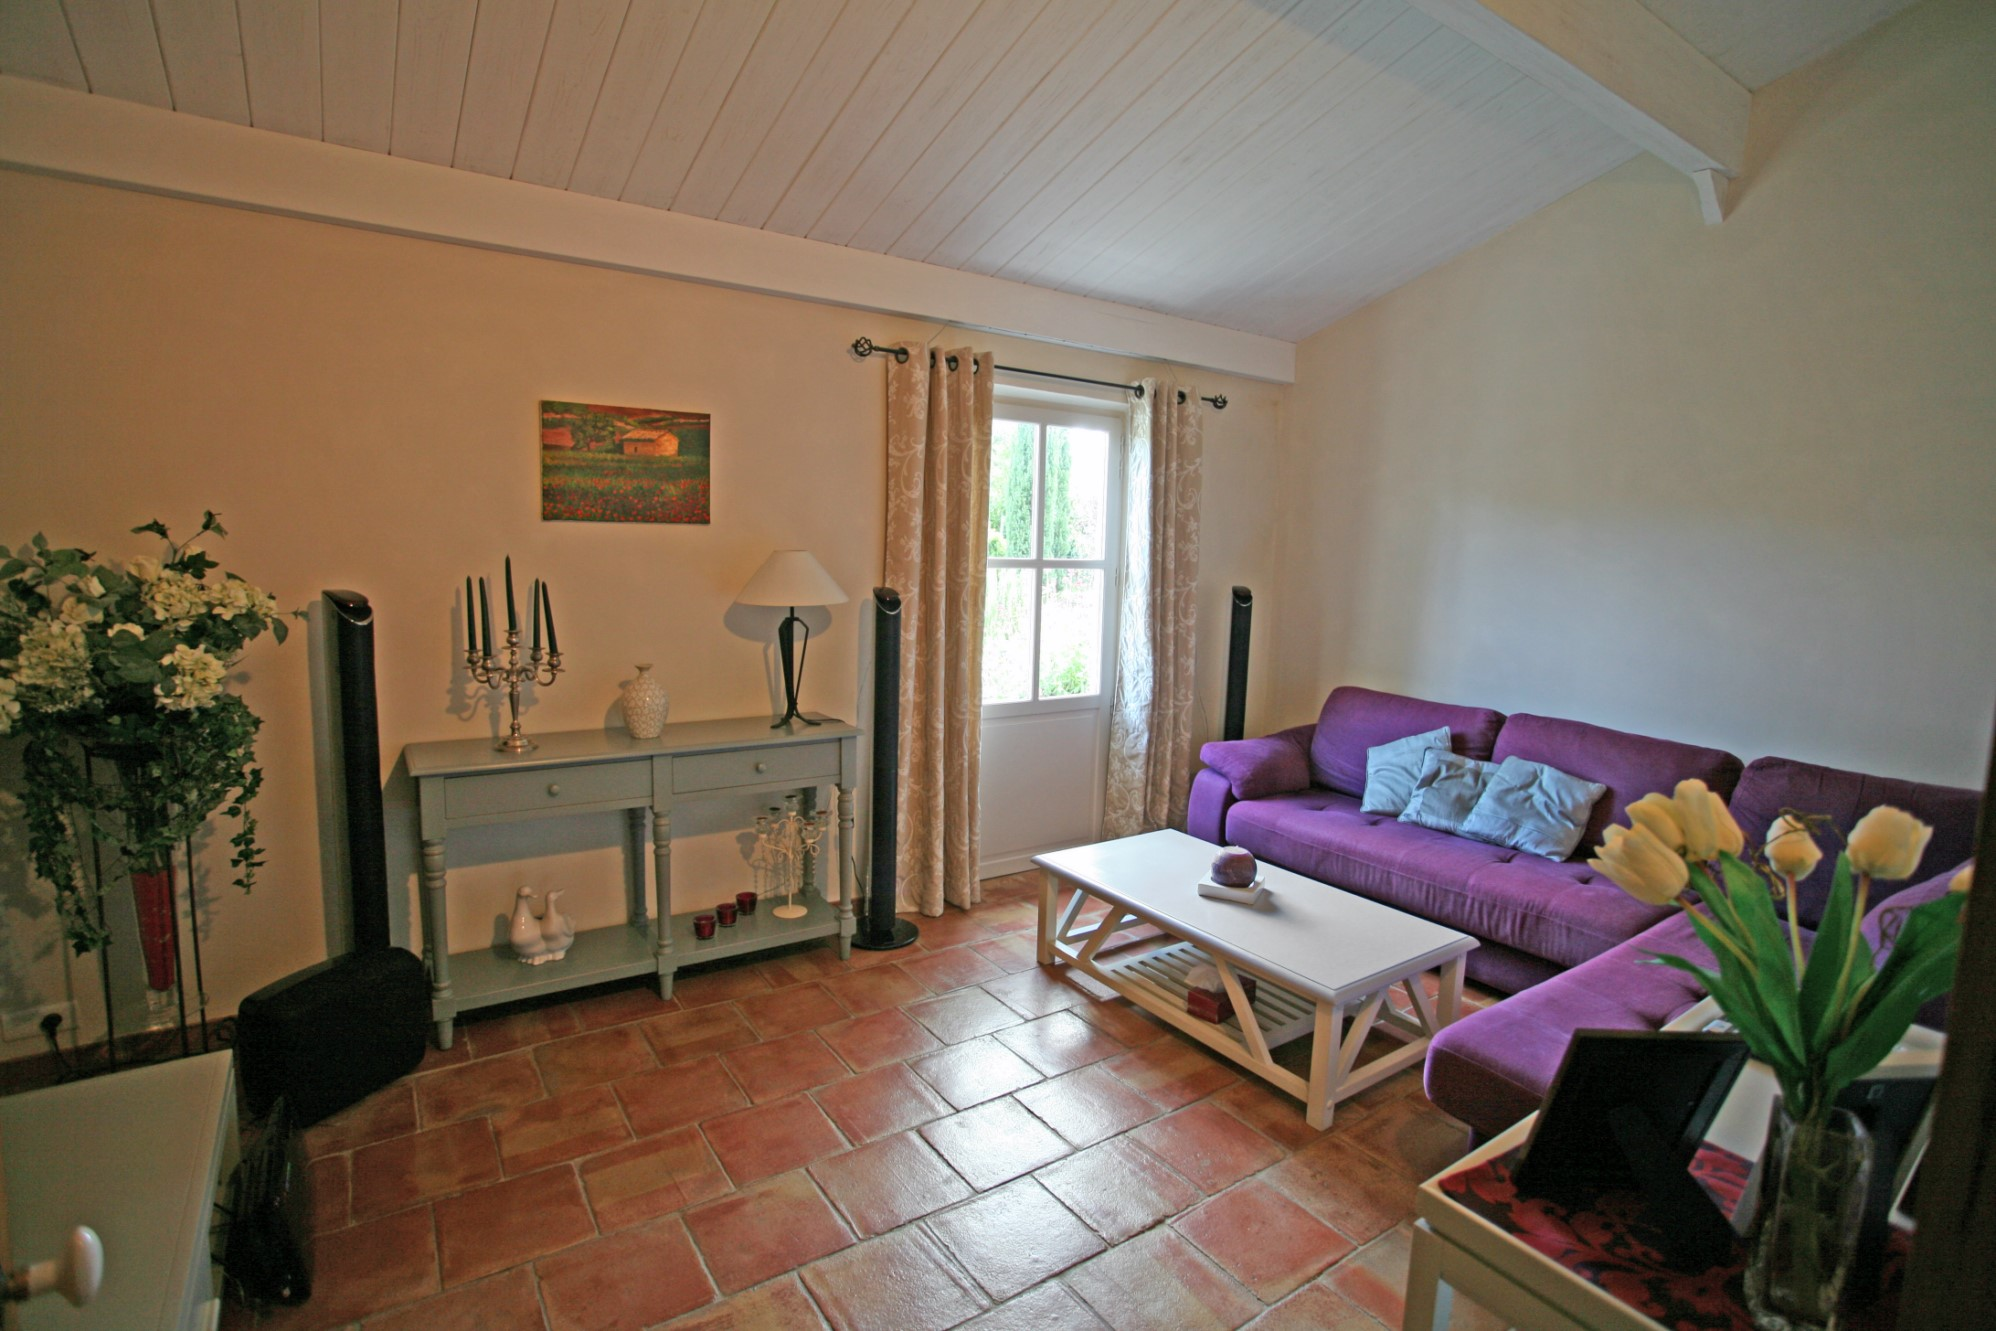 En vente en Luberon,  charmante maison avec 5 chambres,  un jardin paysager et une piscine